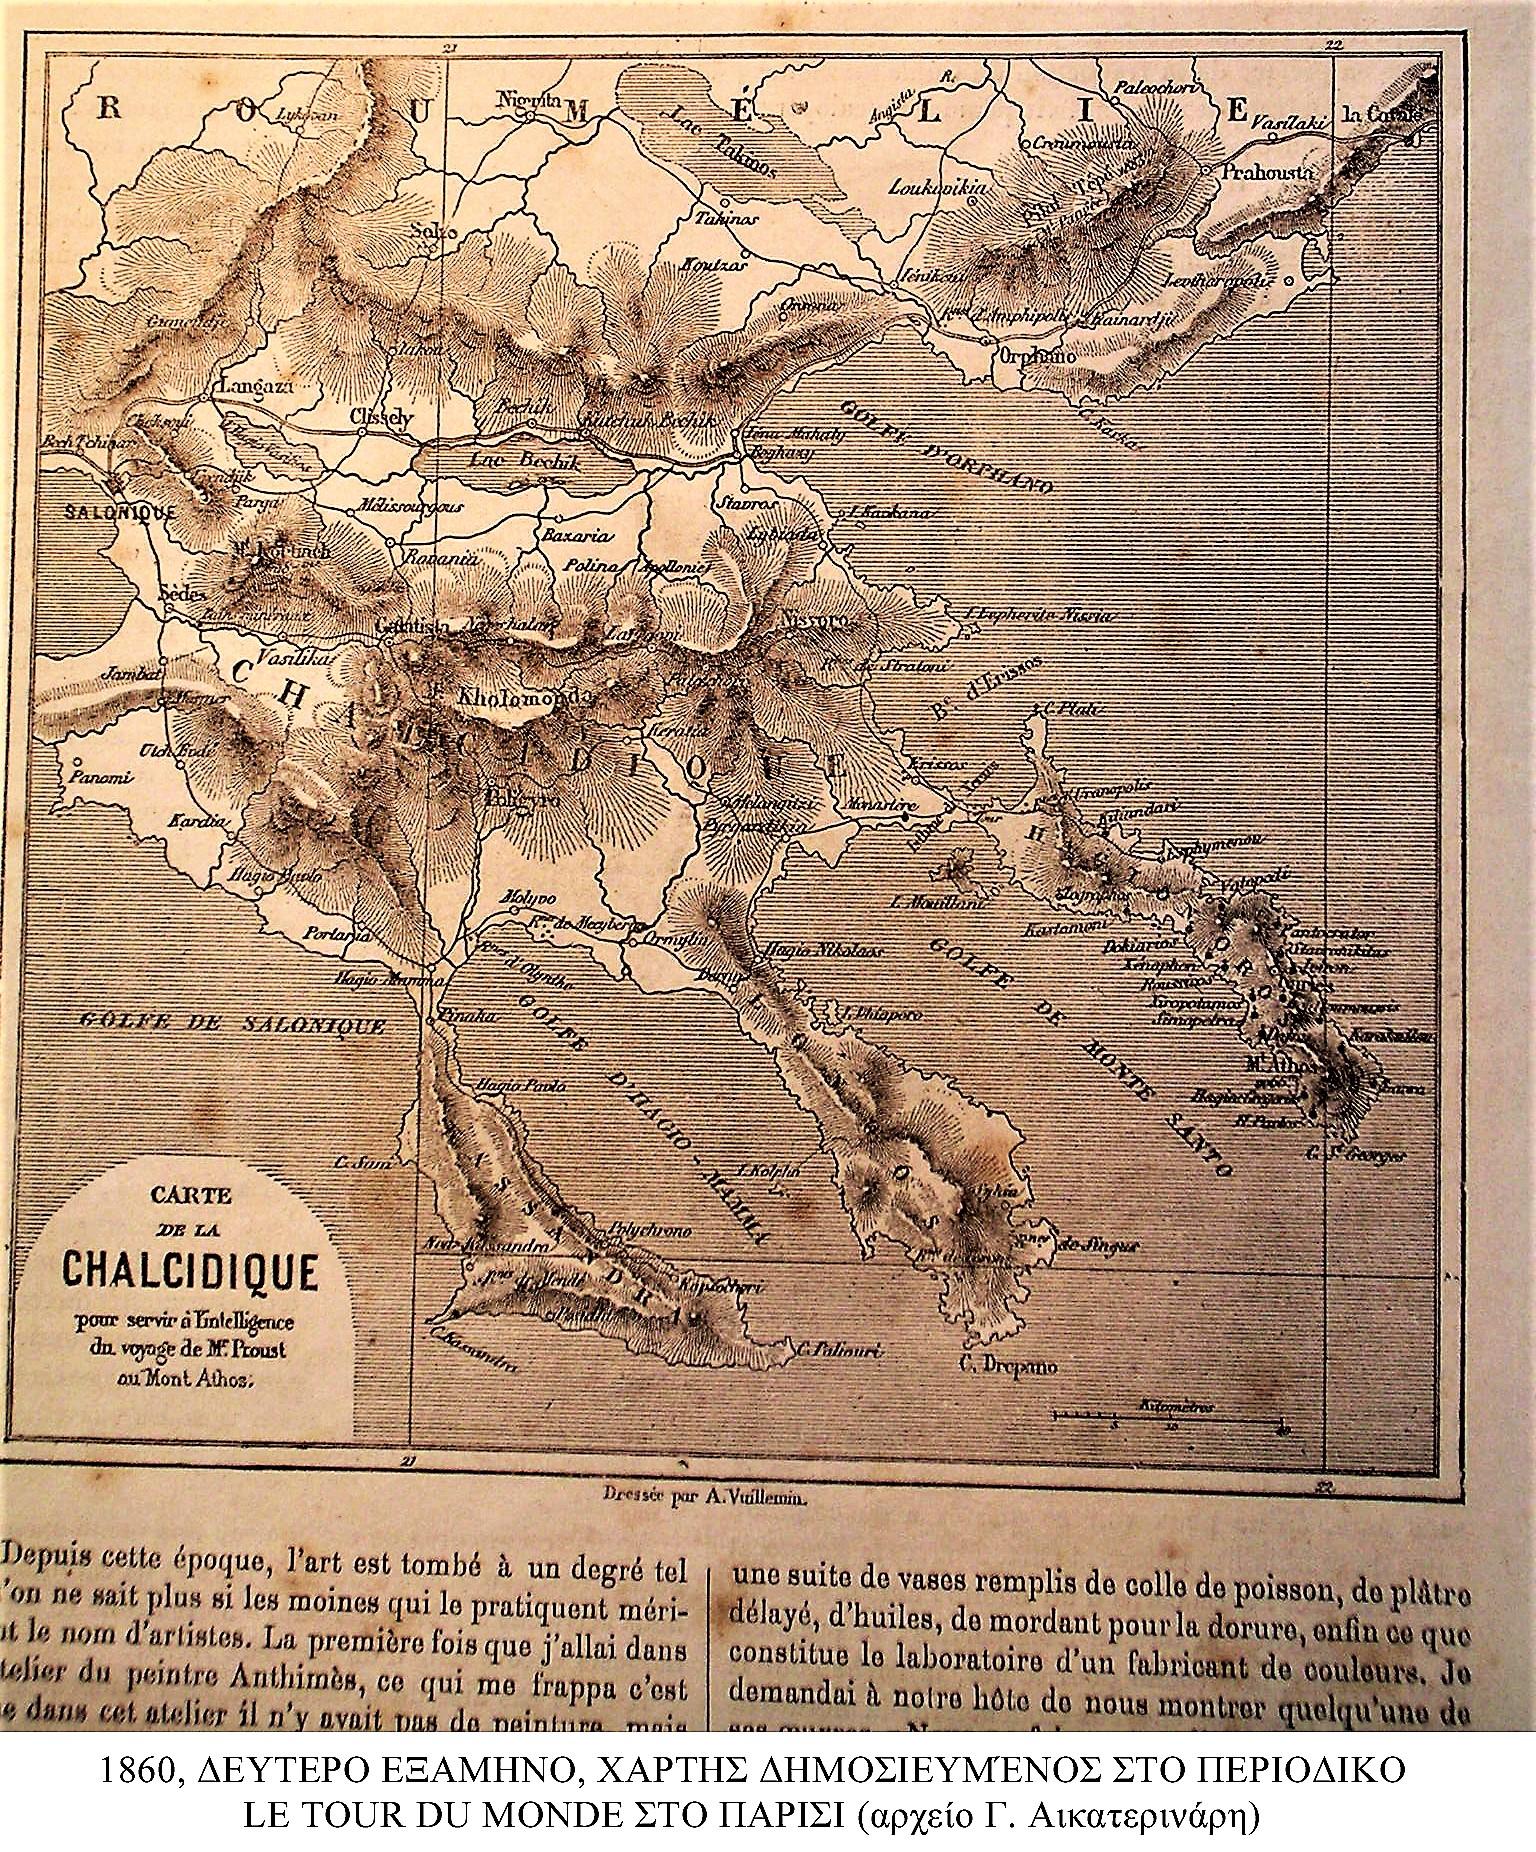 Γαλλικός χάρτης της Χαλκιδικής, δημοσιευμένος στο περιοδικό Le tour du Monde στο Παρίσι, στο δεύτερο εξάμηνο του 1860.